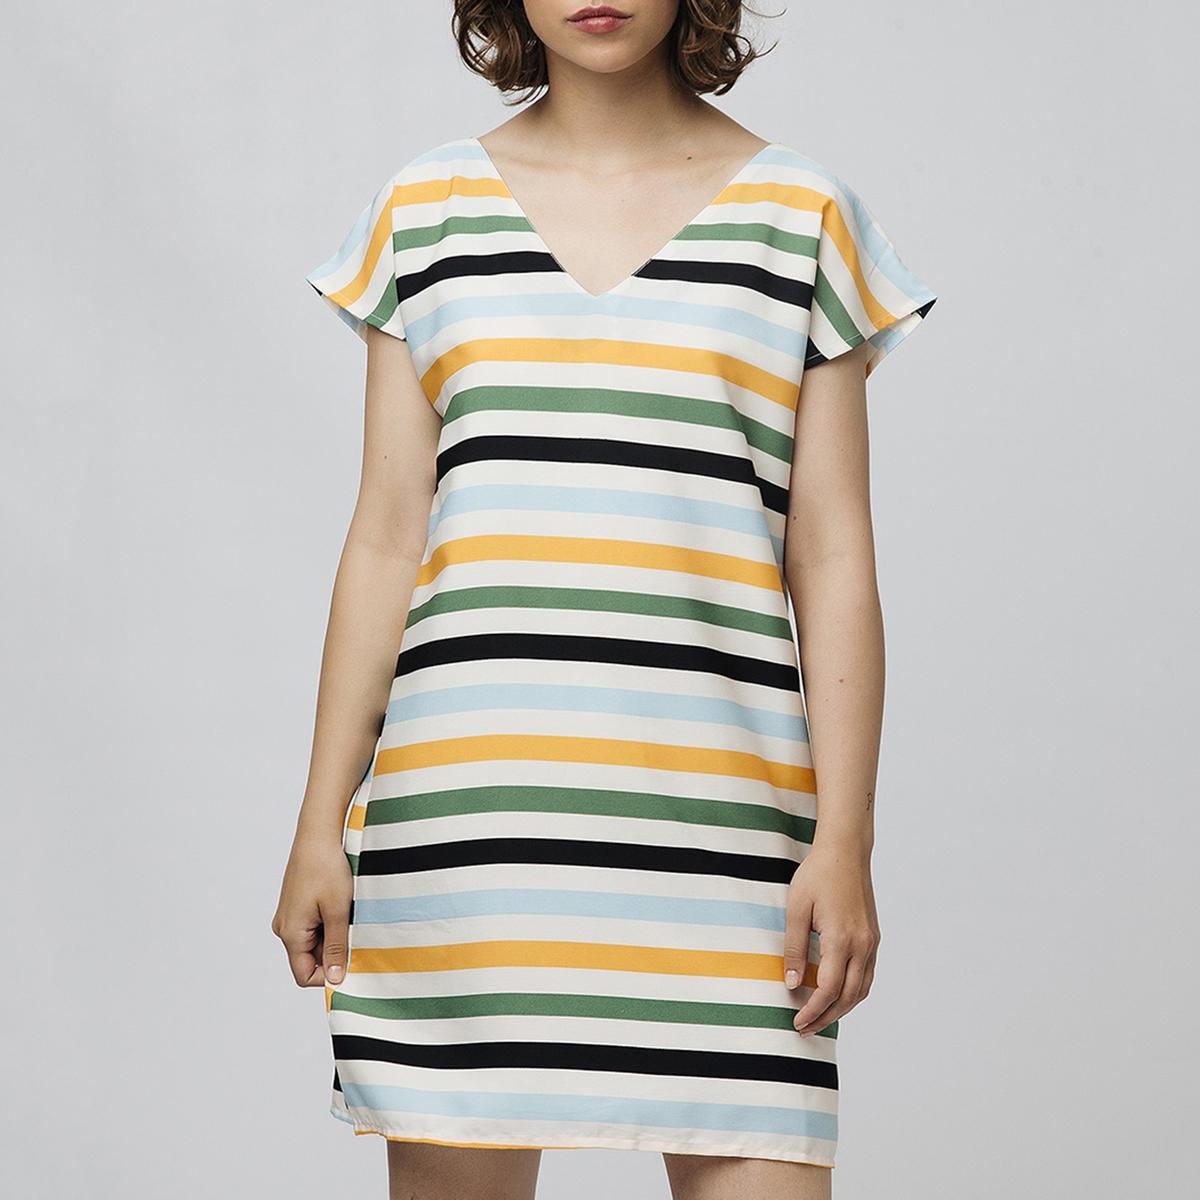 Платье La Redoute Короткое в полоску с V-образным вырезом и короткими рукавами M бежевый блузка la redoute с v образным вырезом короткими рукавами и кружевом m бежевый